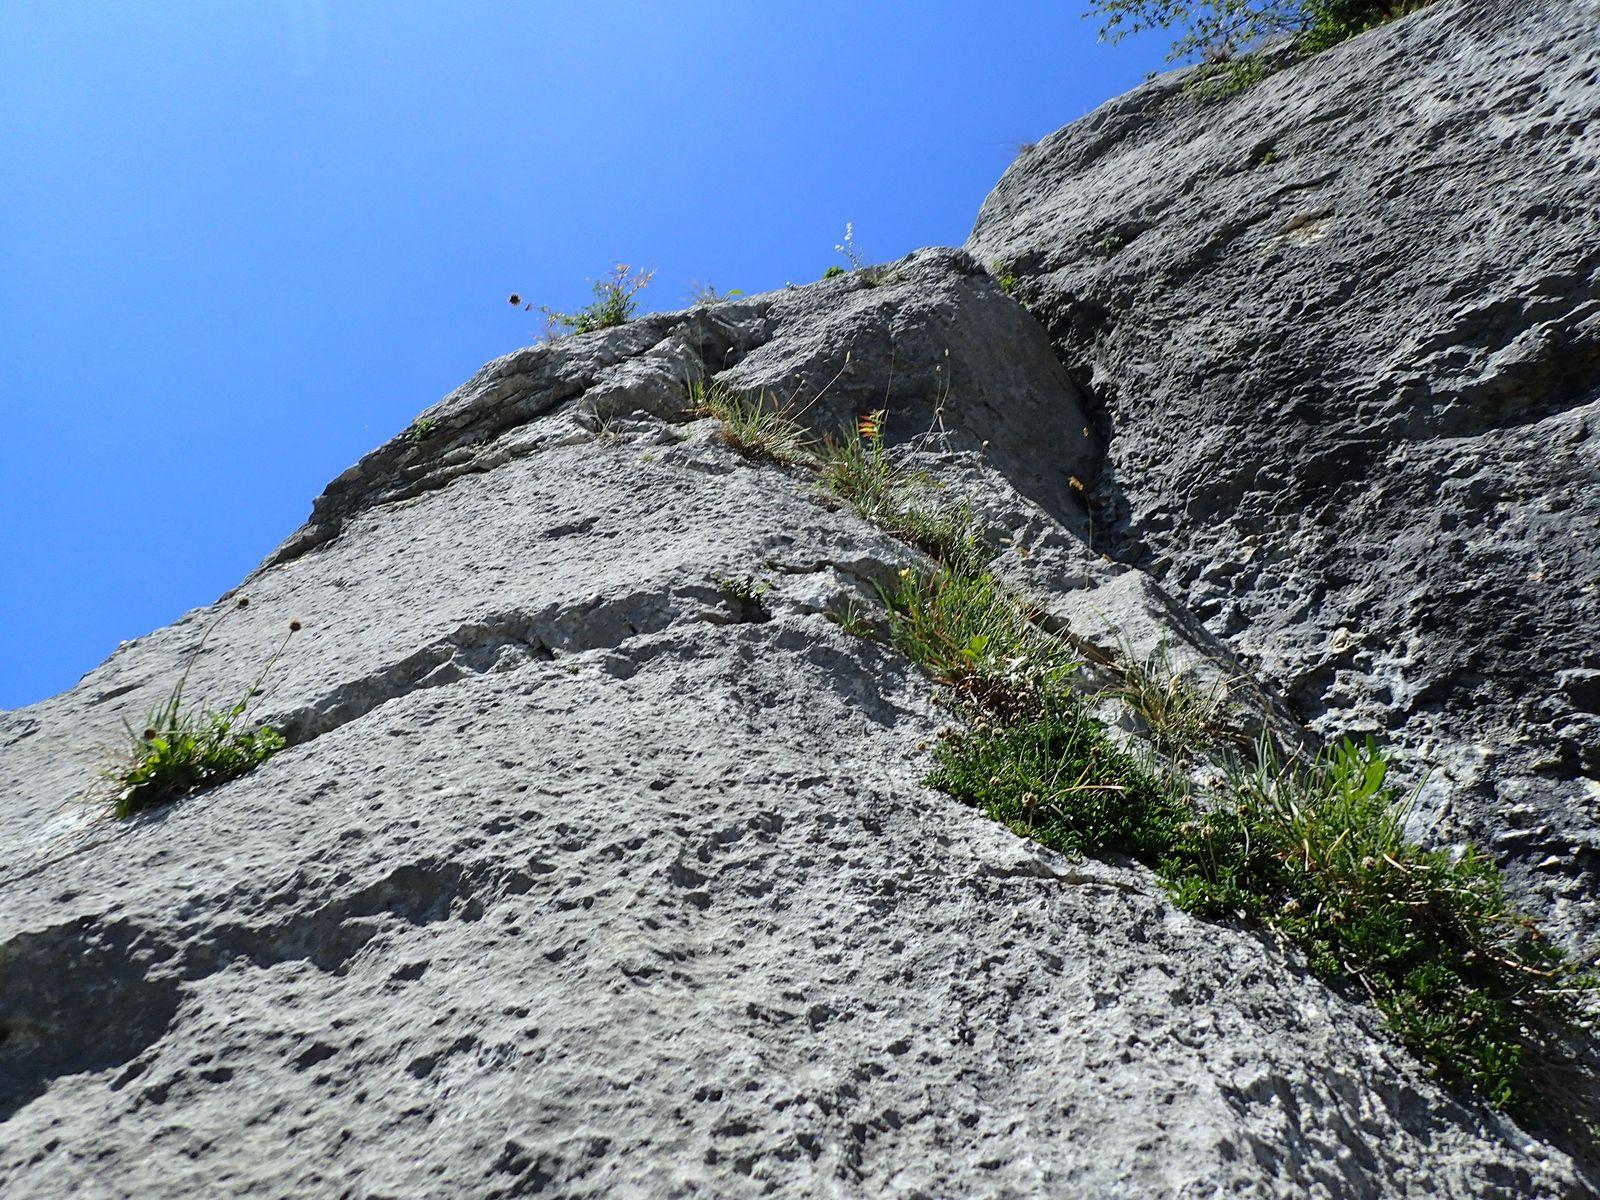 Falaise de la Balme de Sillingy : Secteur au dessus du Cimetière (Version 2)